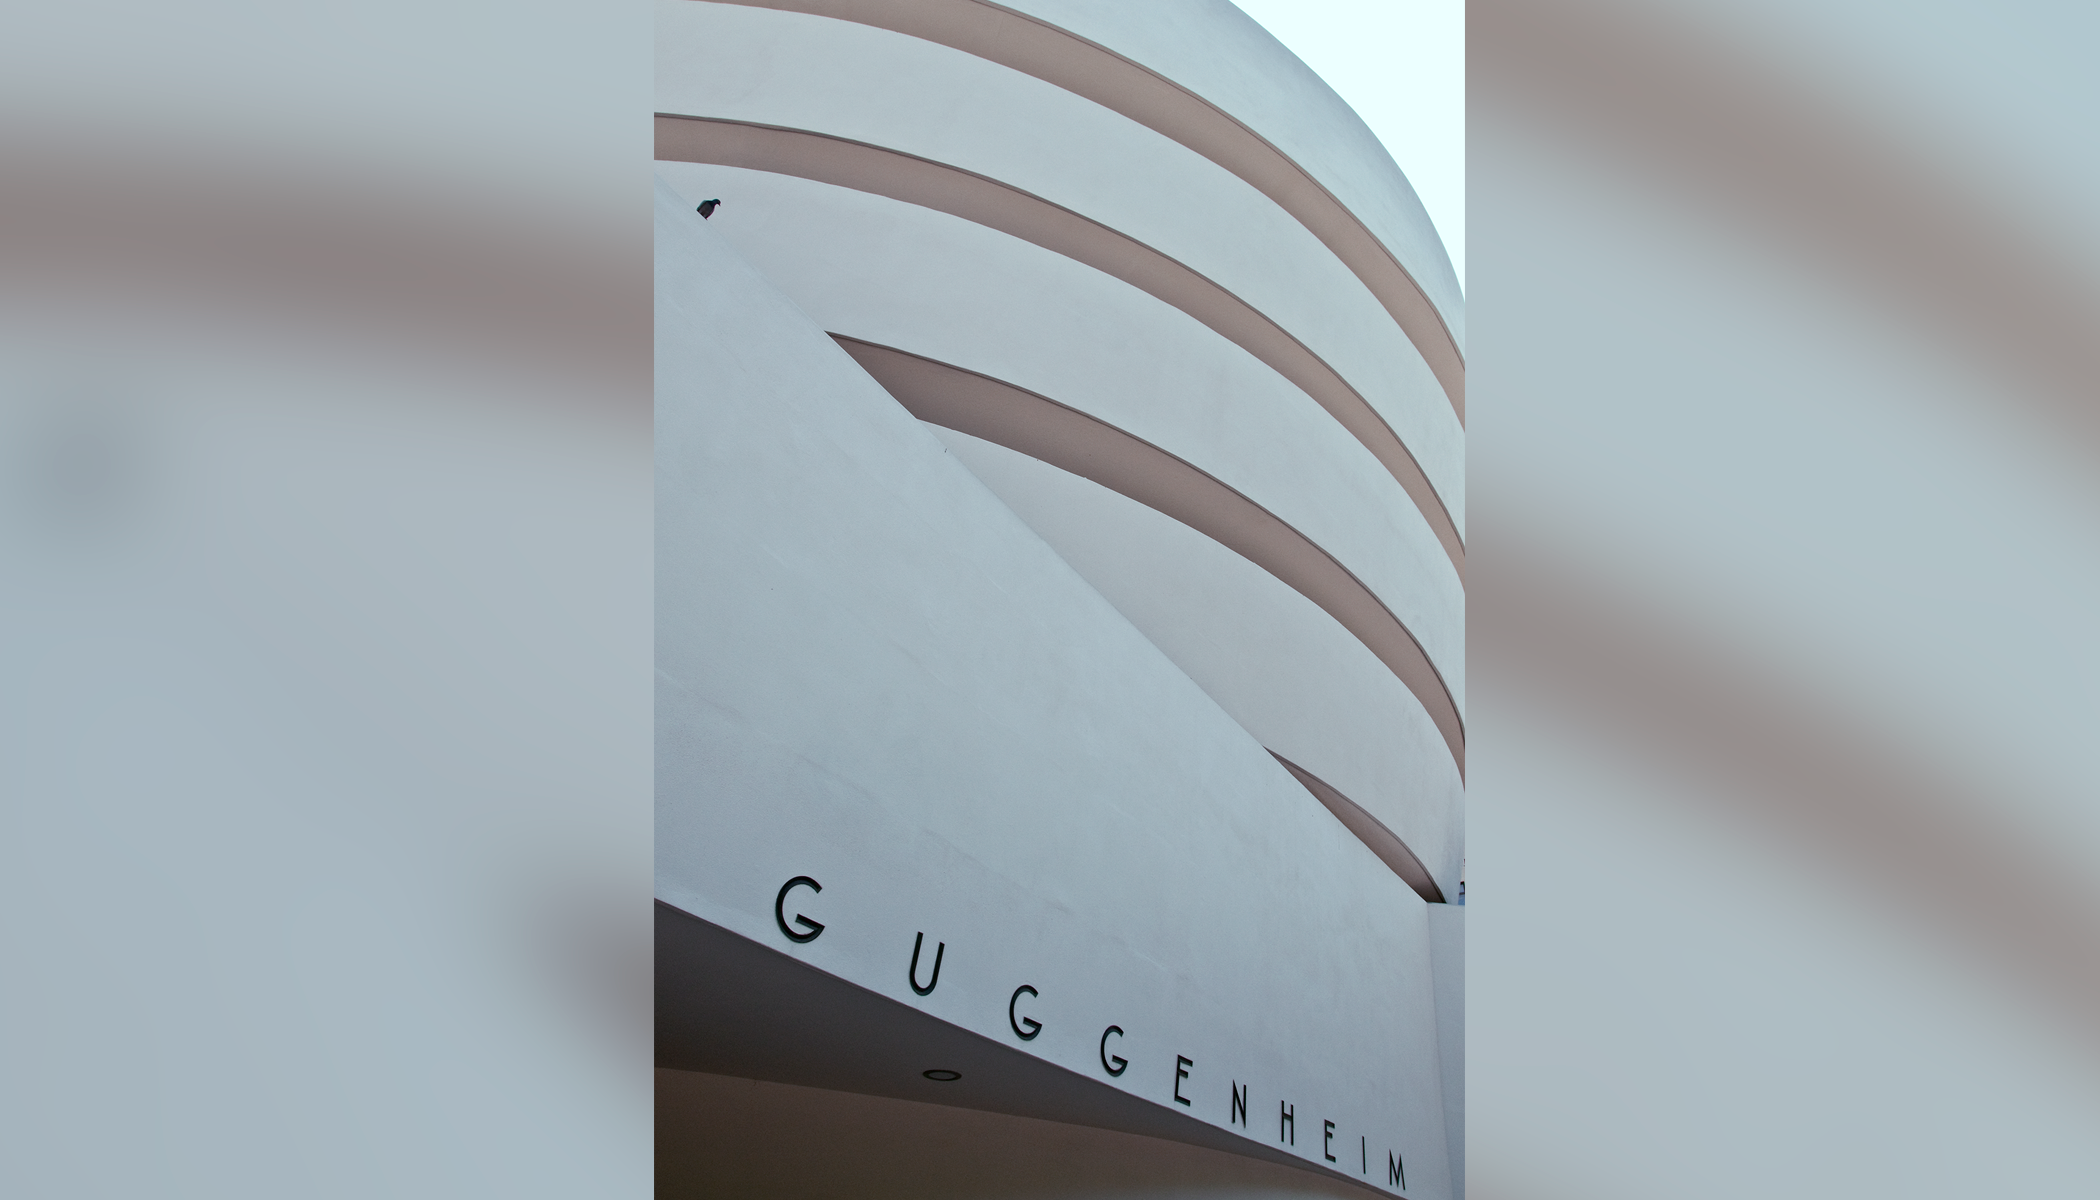 Museum Guggenheim NY 2